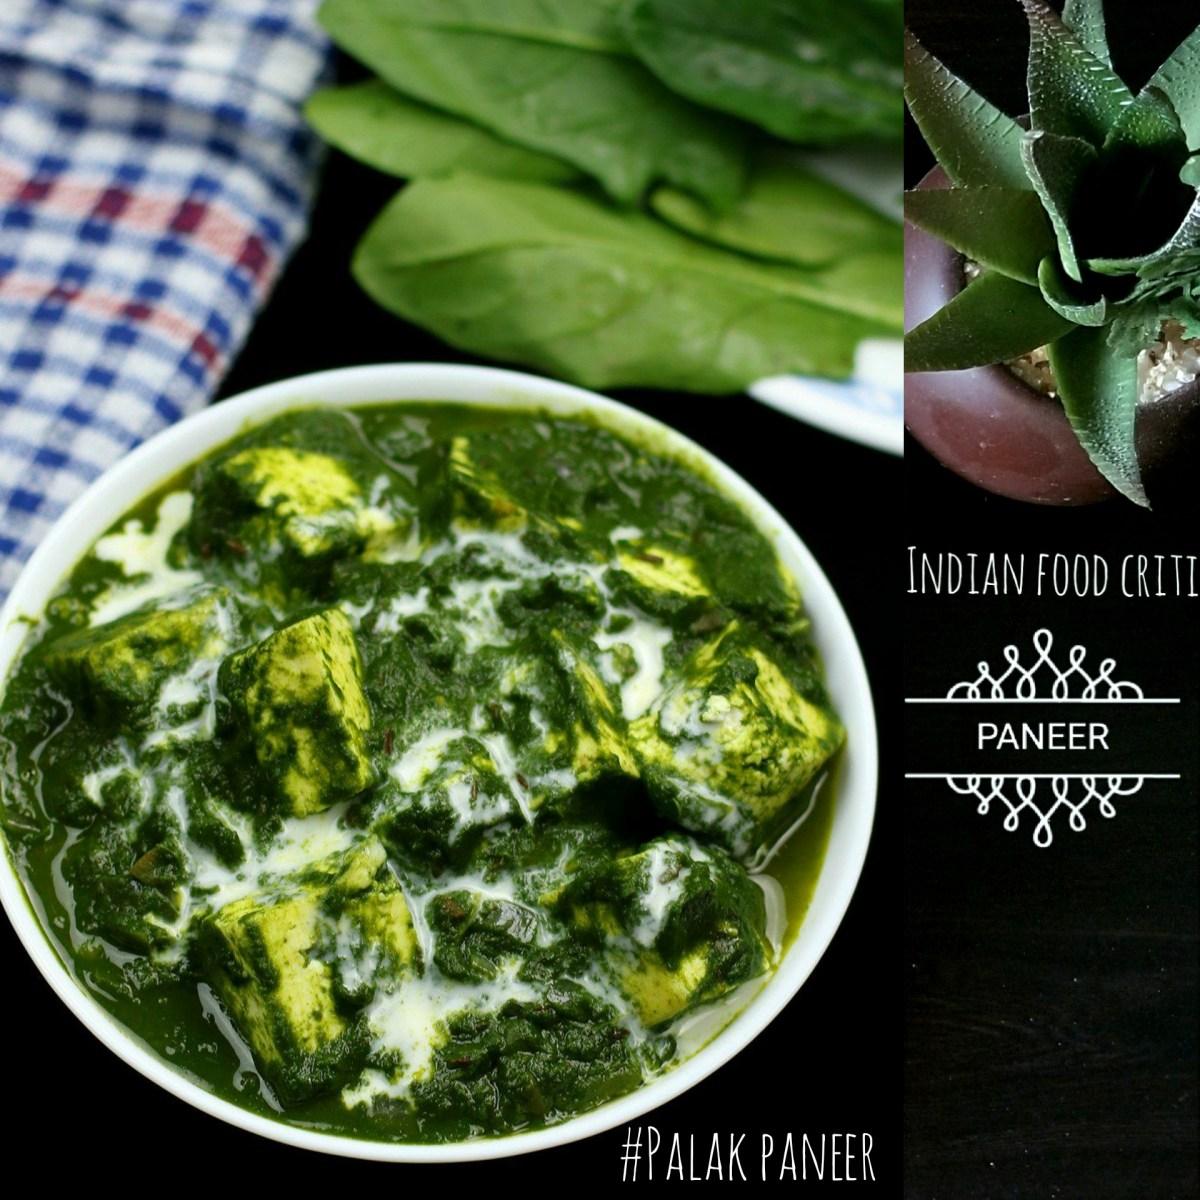 5 Variations of Palak Paneer | Palak Paneer Gravy Restaurant Style | Palak Saag Paneer Recipe | 4.6/5.0